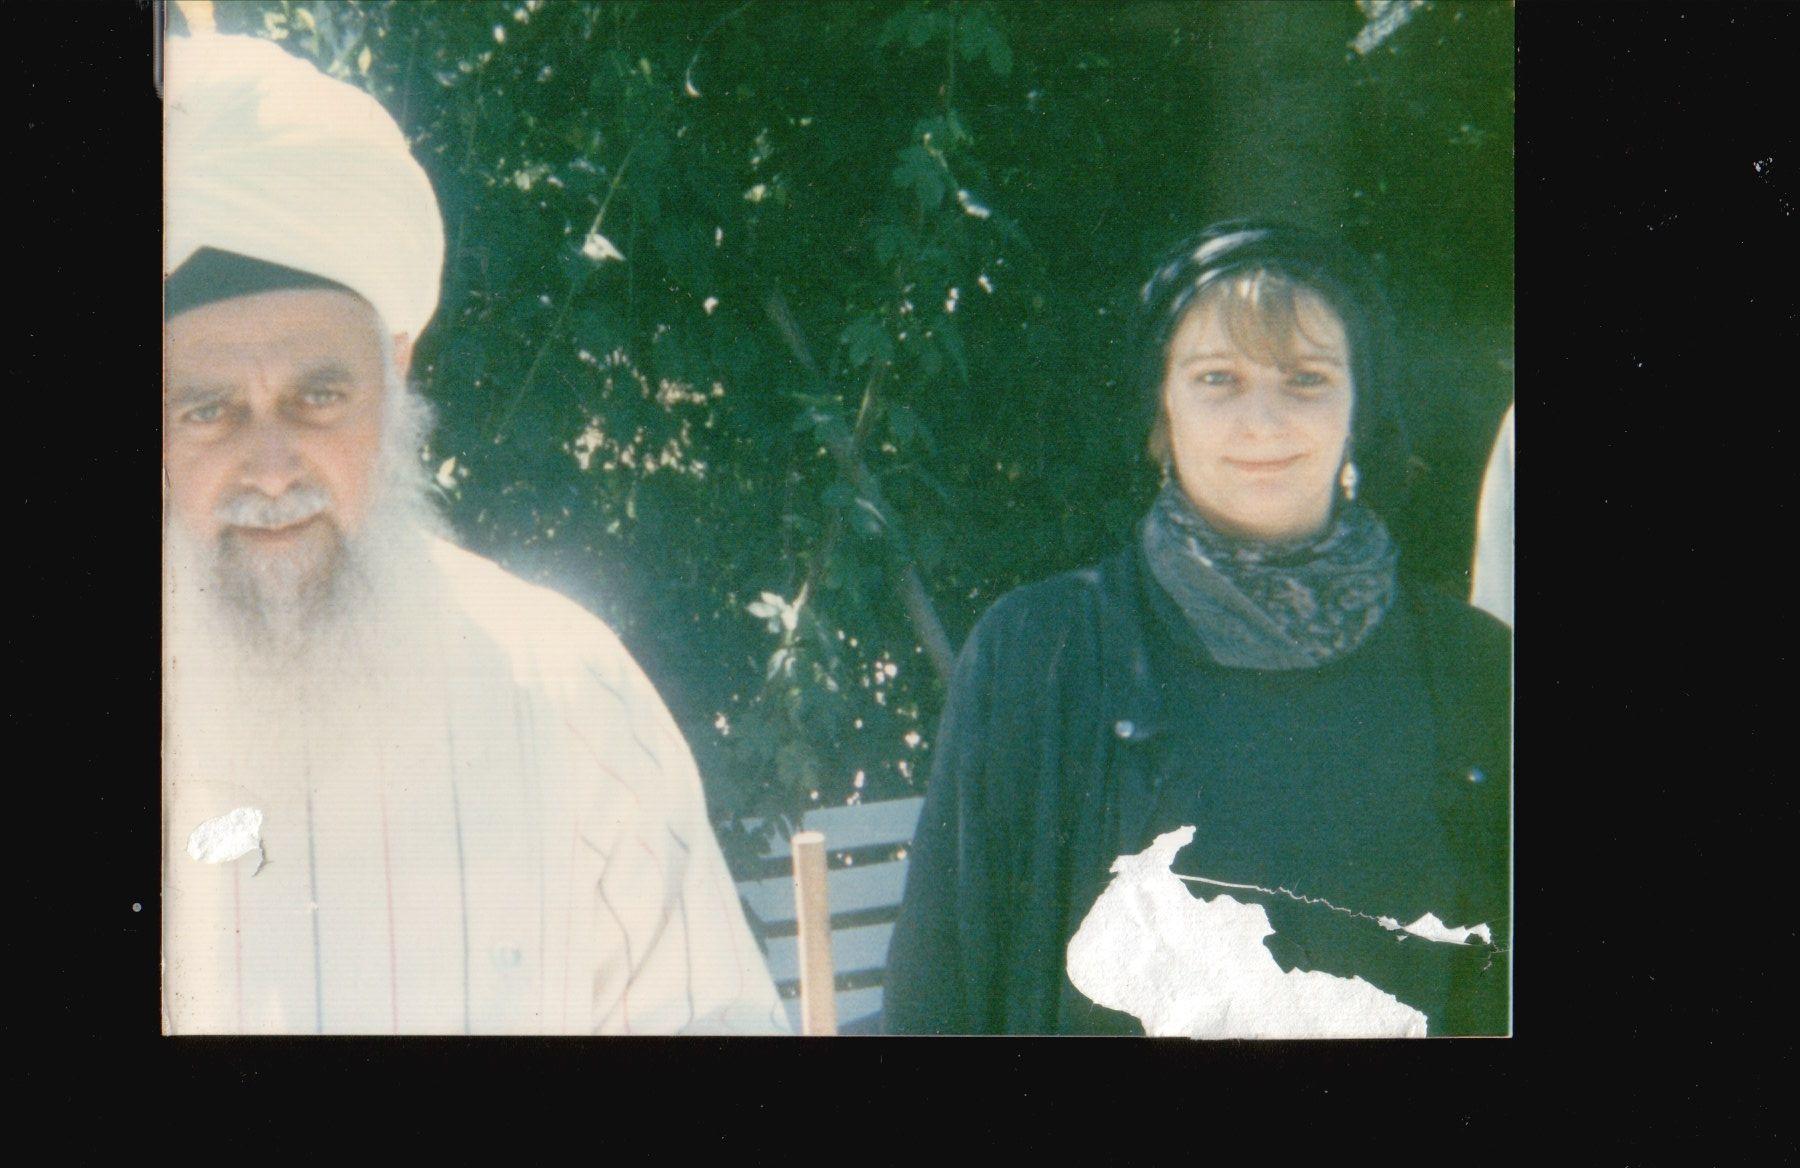 Meine ersten zaghaften Annäherungen an meinen Sheikh, danke für das Foto lieber Nourredine Chergui 1989